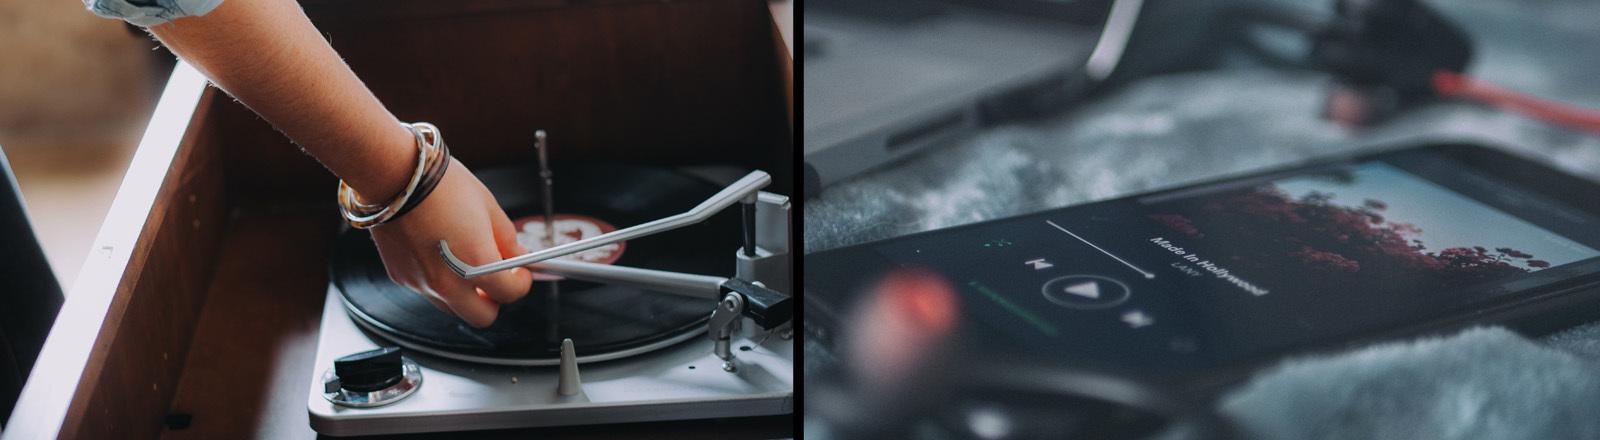 Collage mit Schallplatten und Handy mit Musikstreaming